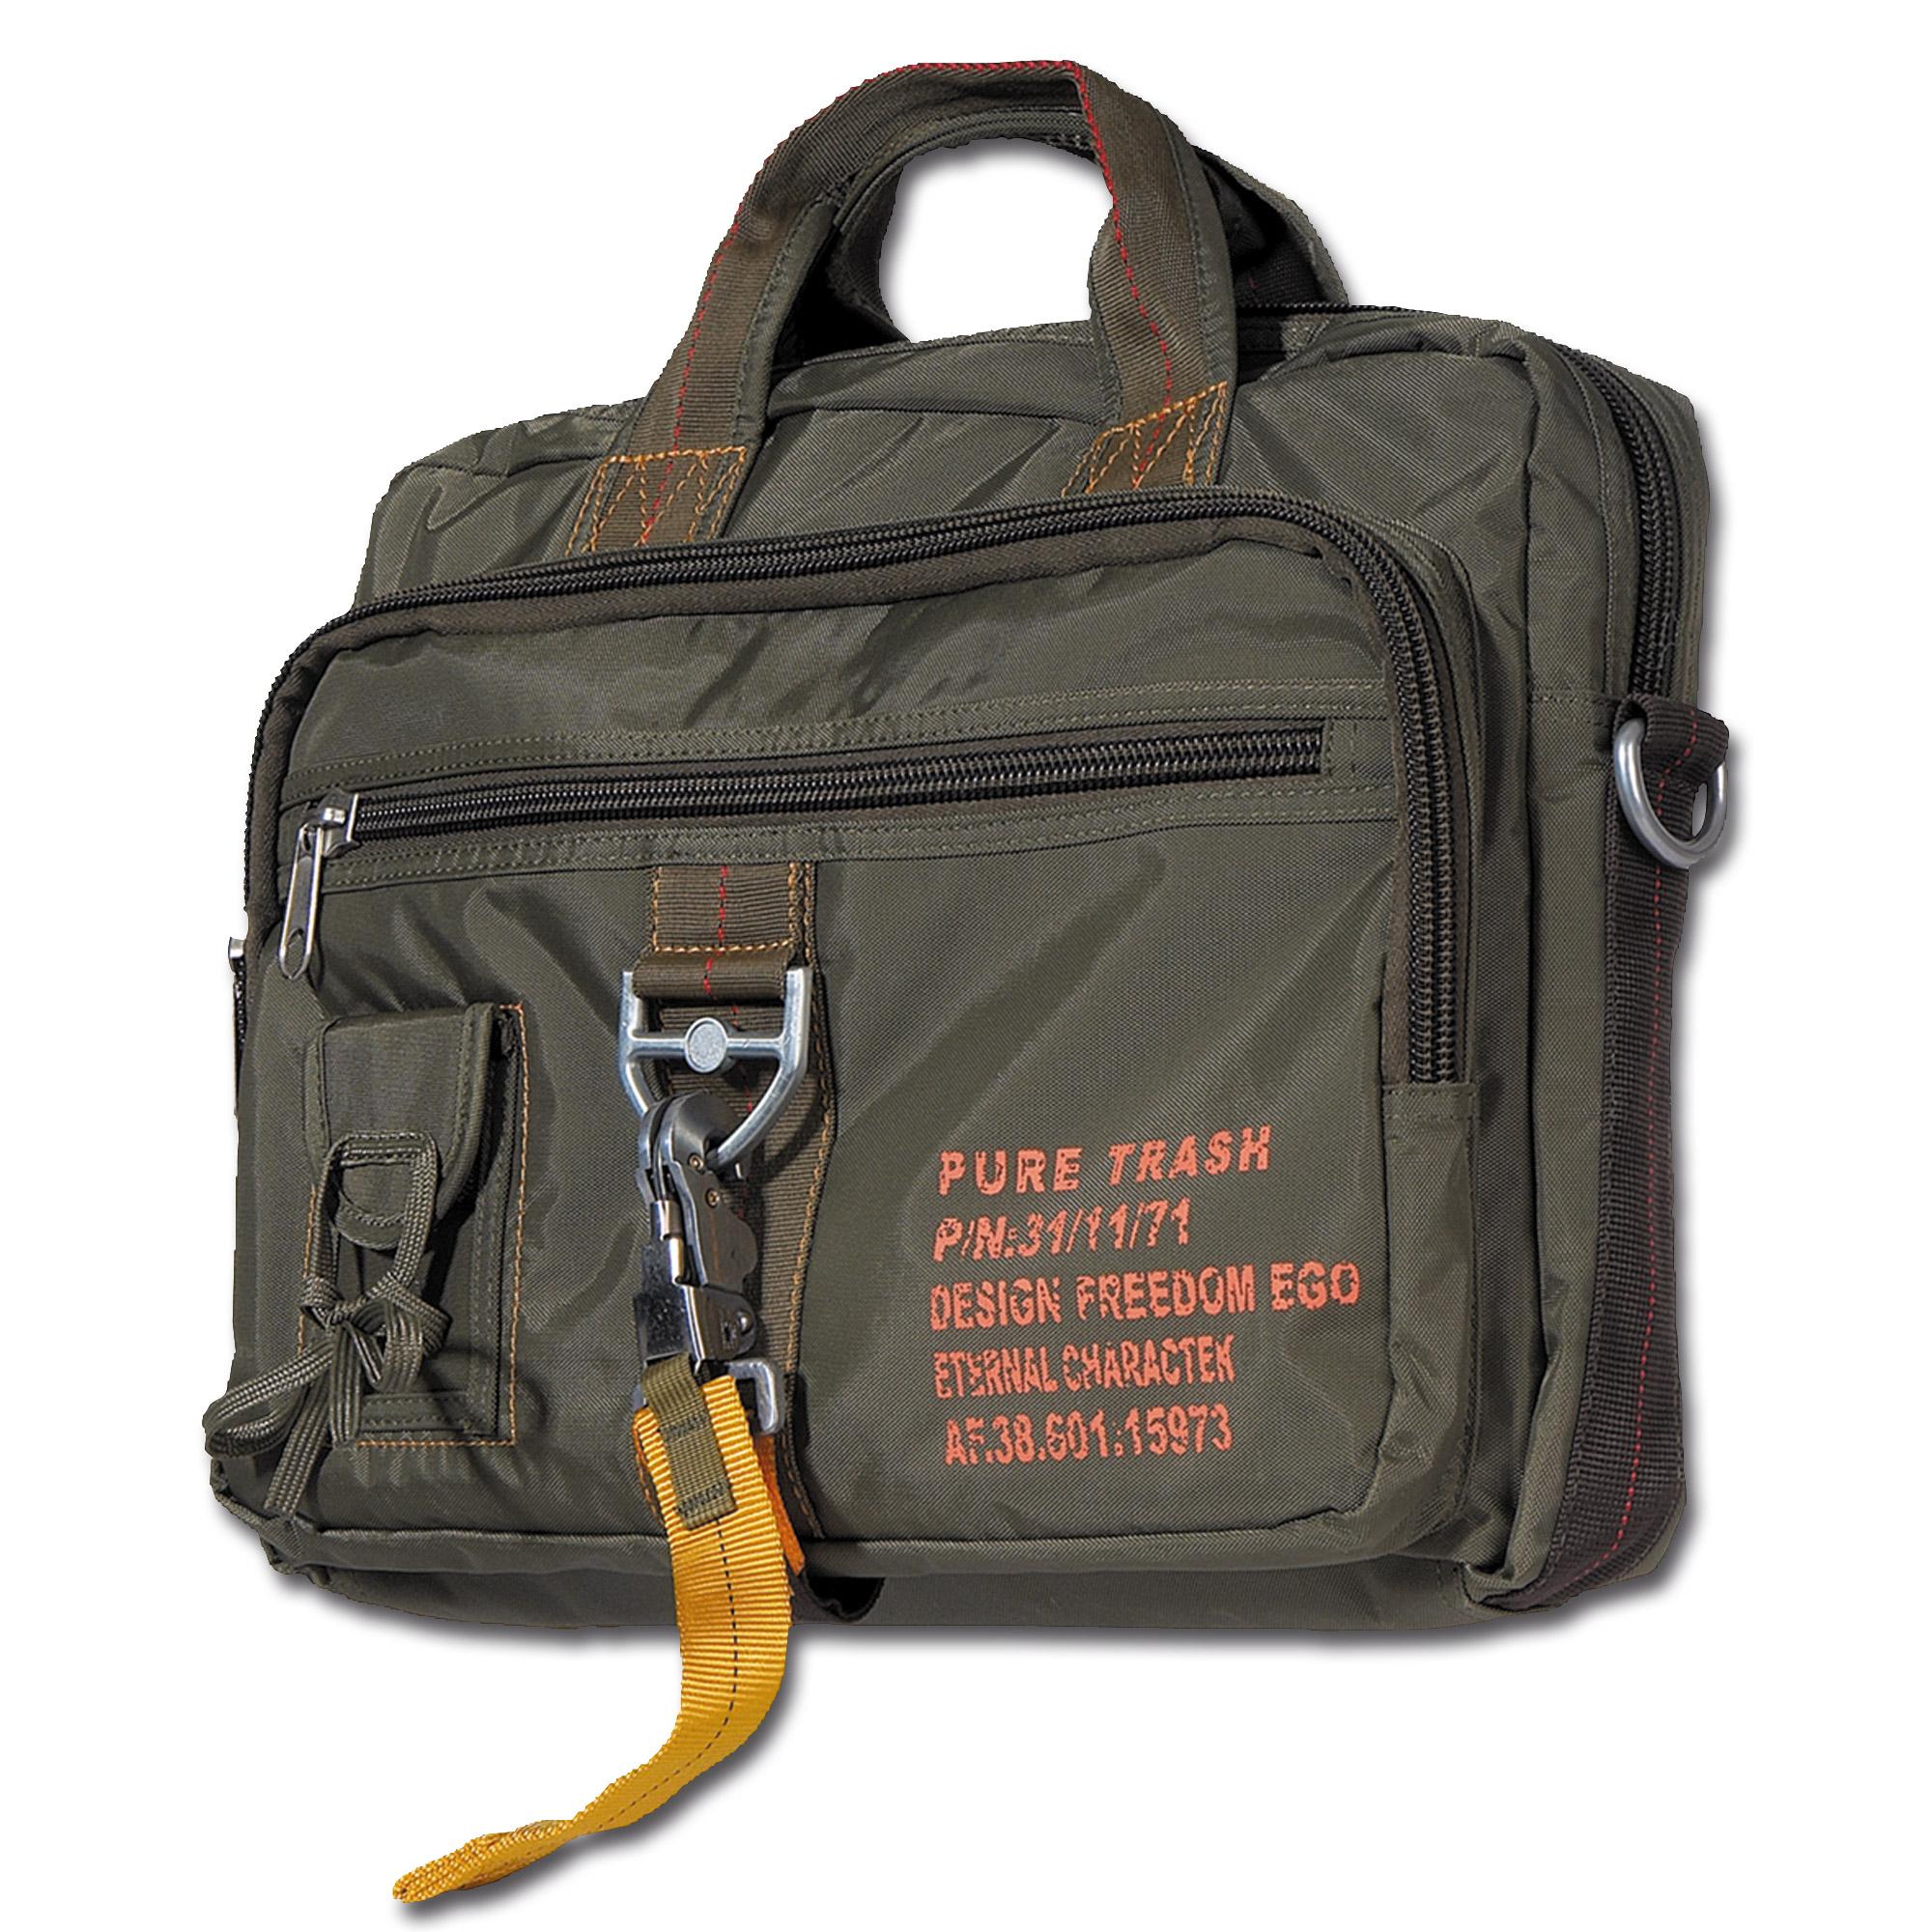 Handtasche Karabiner groß Pure Trash oliv